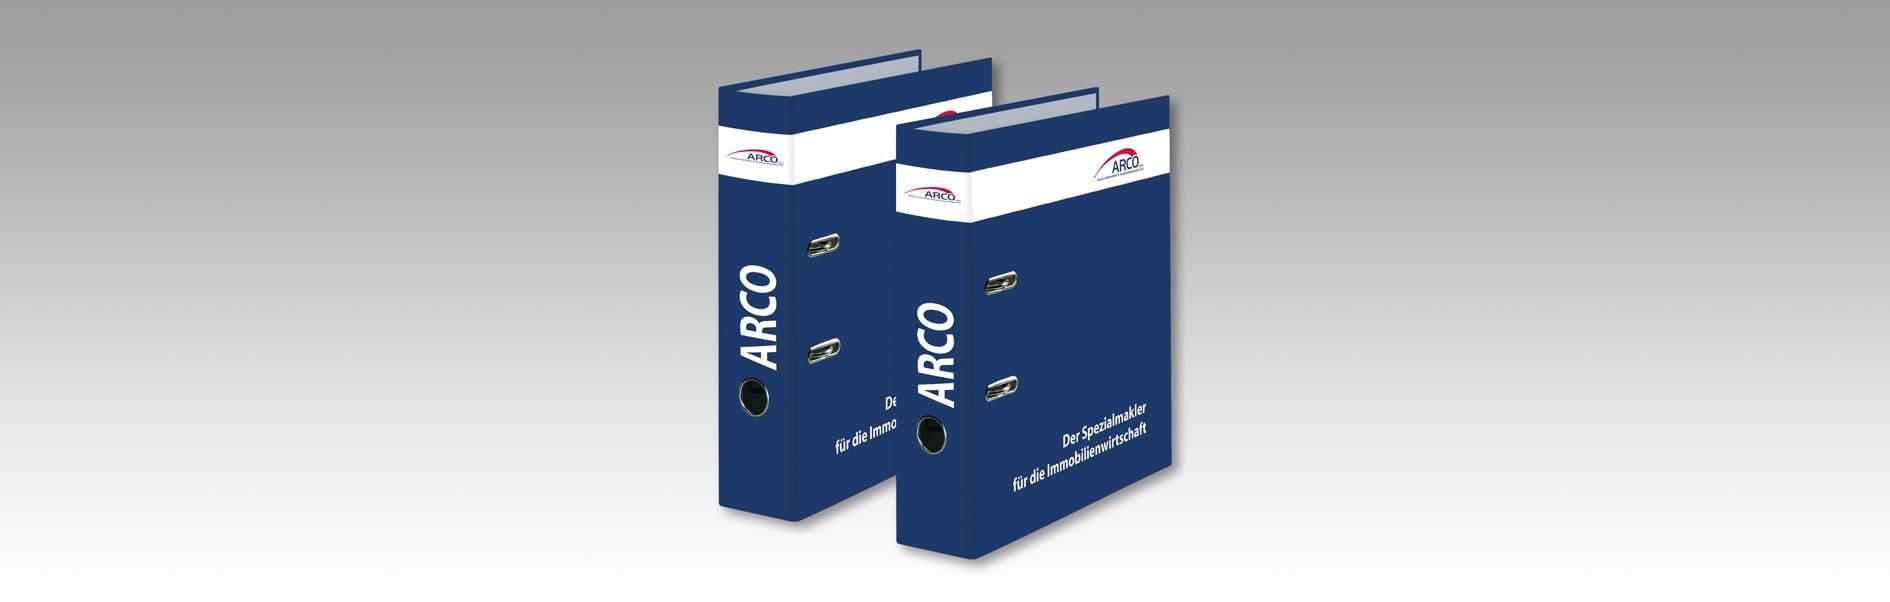 Hier sind die neuen Ordner von Arco zu sehen.